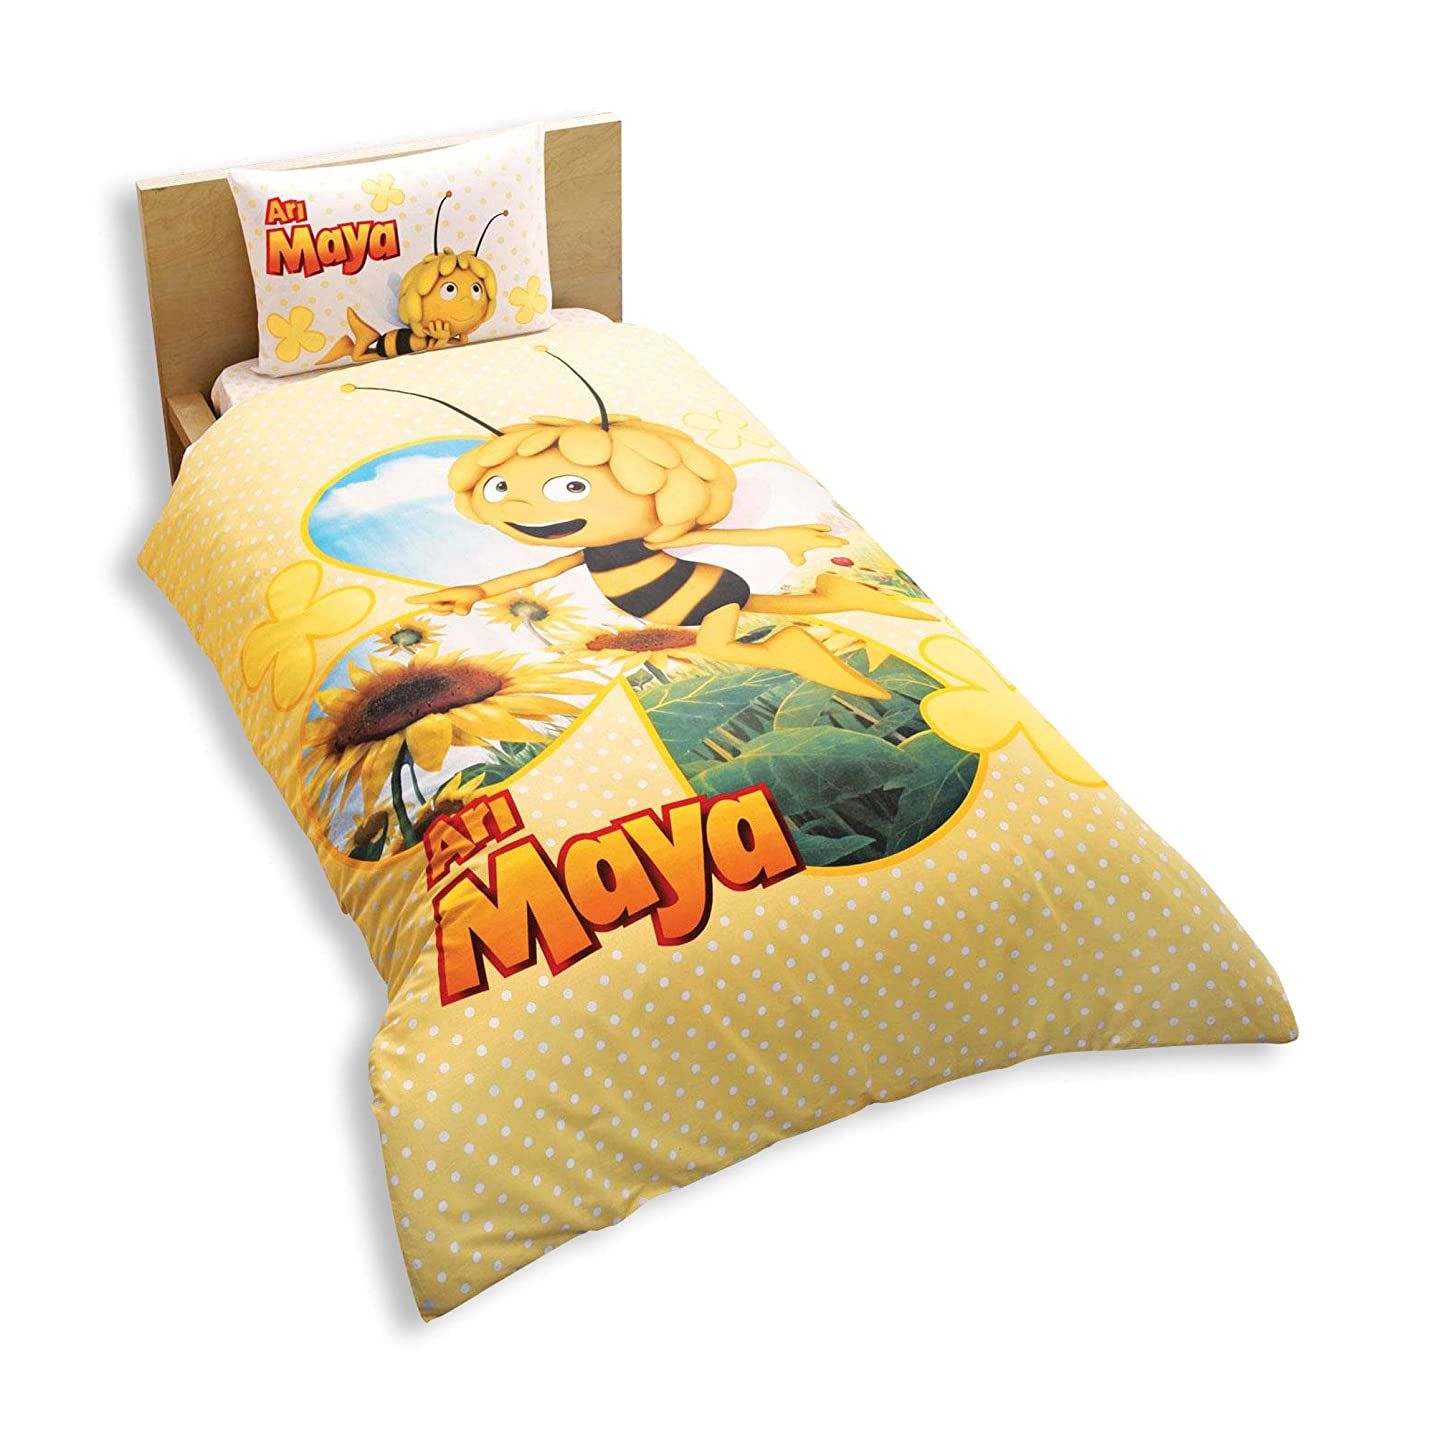 臨検促進するどこでもシングル/ツインGirls Maya Bee Daisy 100?%綿寝具羽毛布団/キルトカバーセット3個